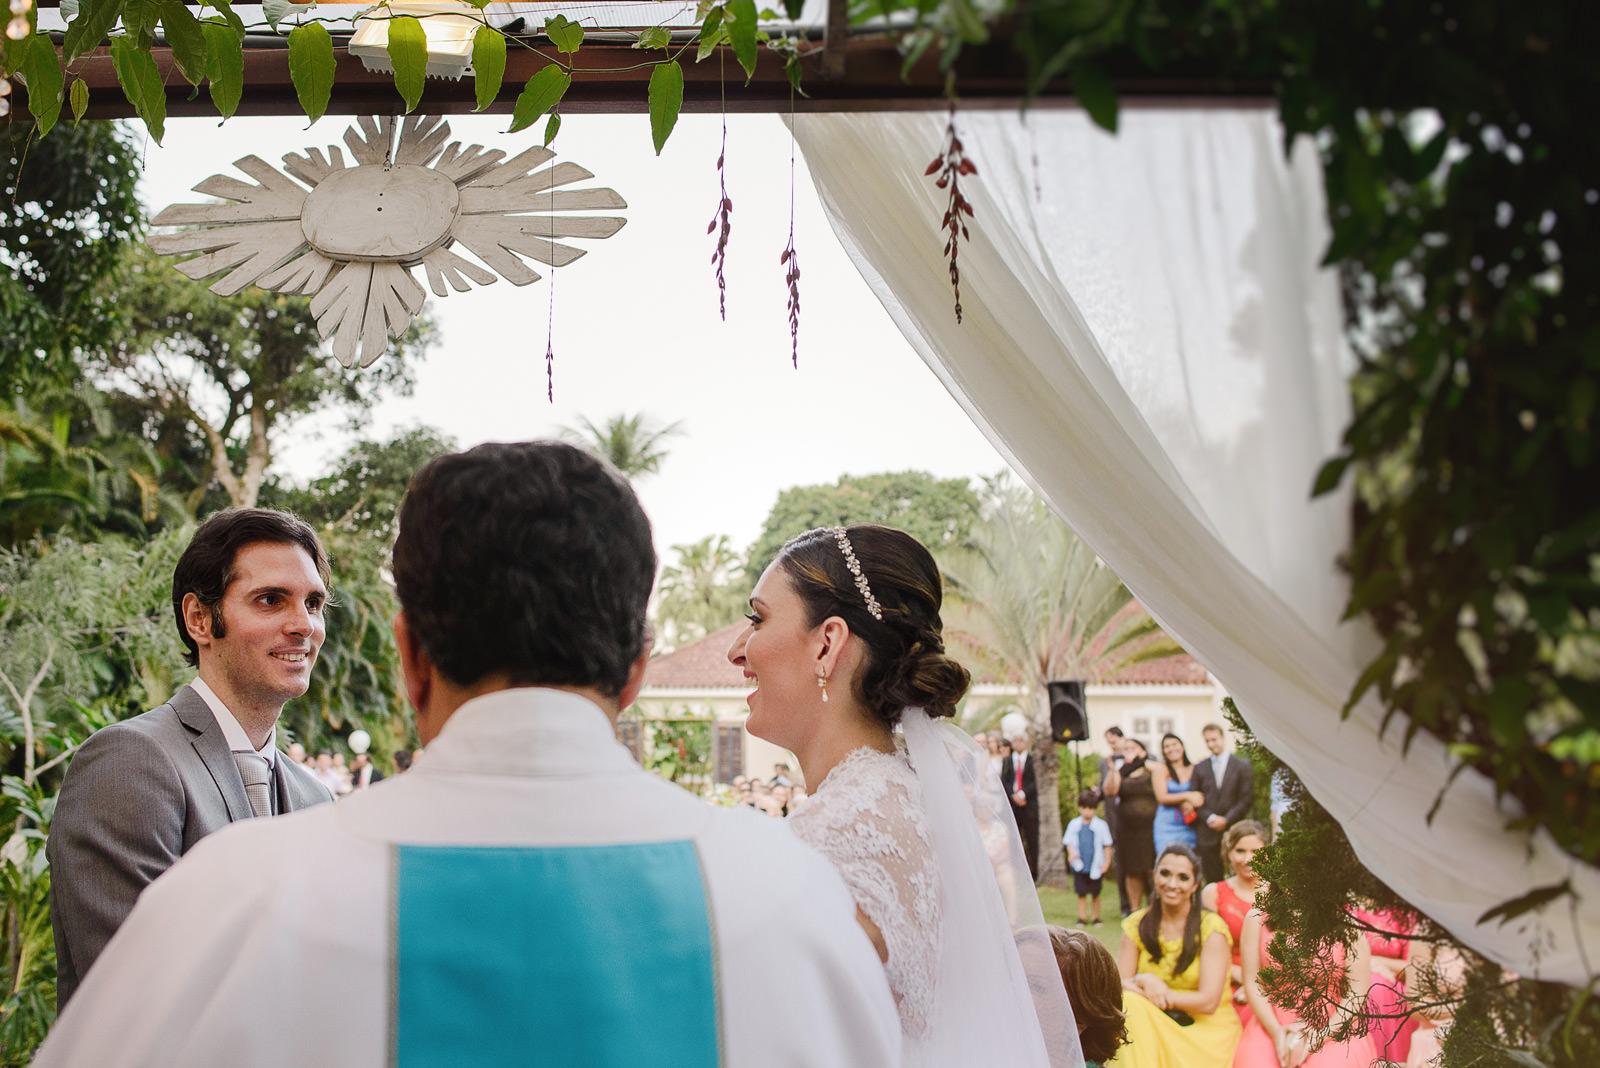 foto-casamento-casuarinas-rj-ema-gab-20